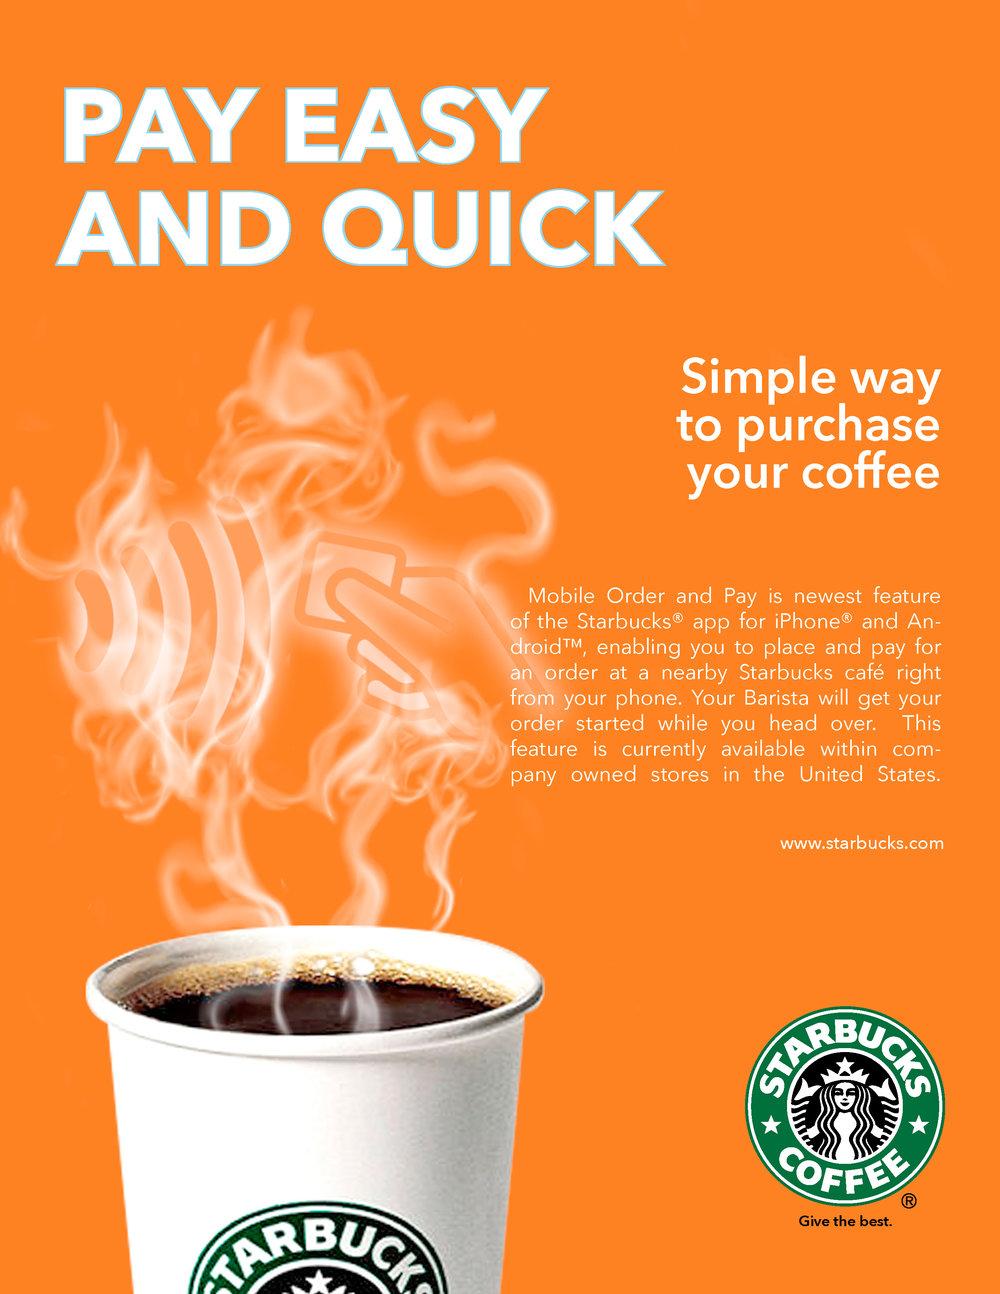 B.Hamidov_Proj_1_Starbucks_PrintAd_rnd1_Page_2.jpg